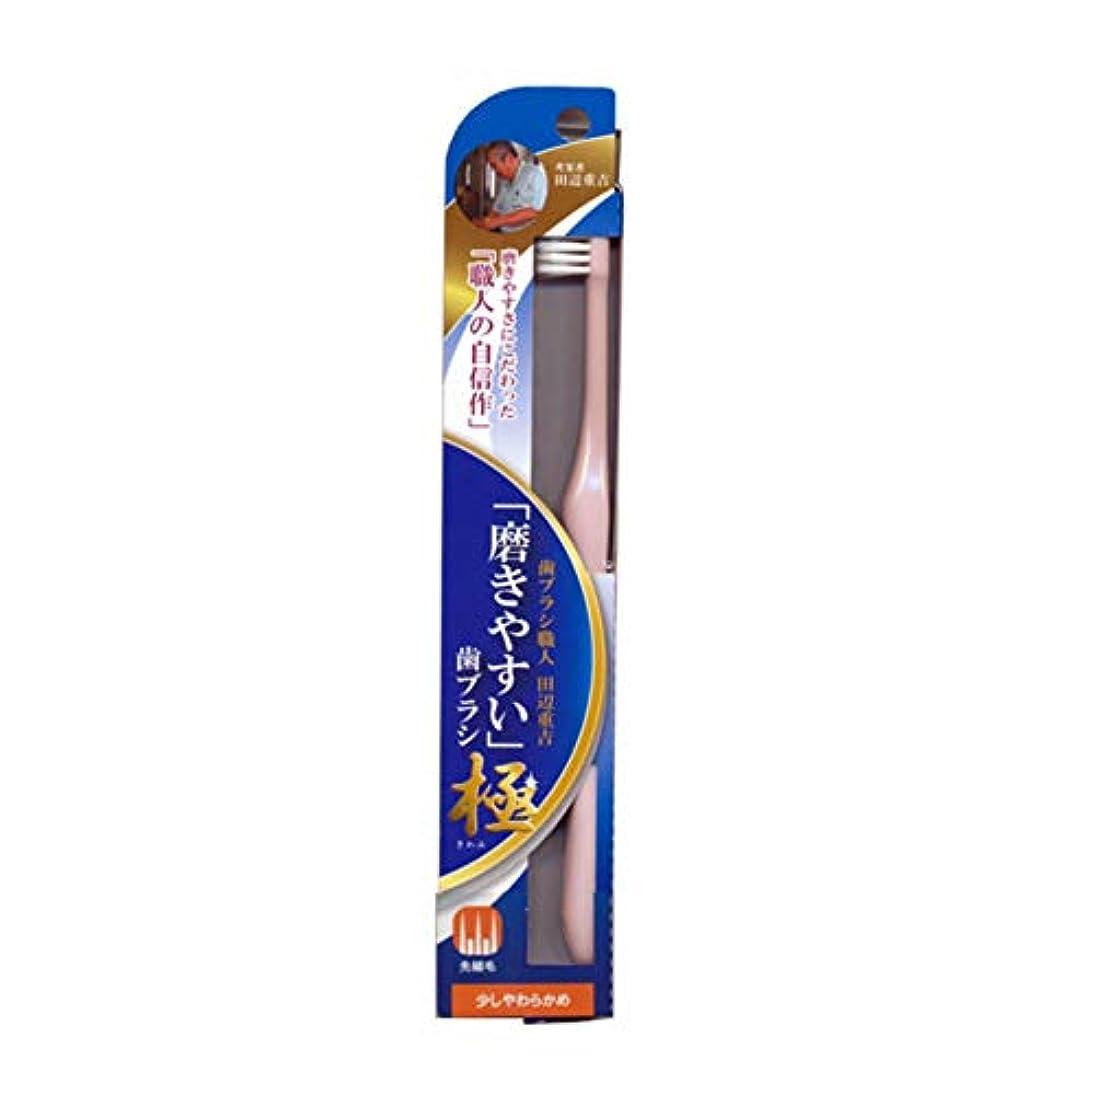 鎮痛剤増幅器衣類磨きやすい歯ブラシ極 (少し柔らかめ) LT-43 先細毛(色選択不可)